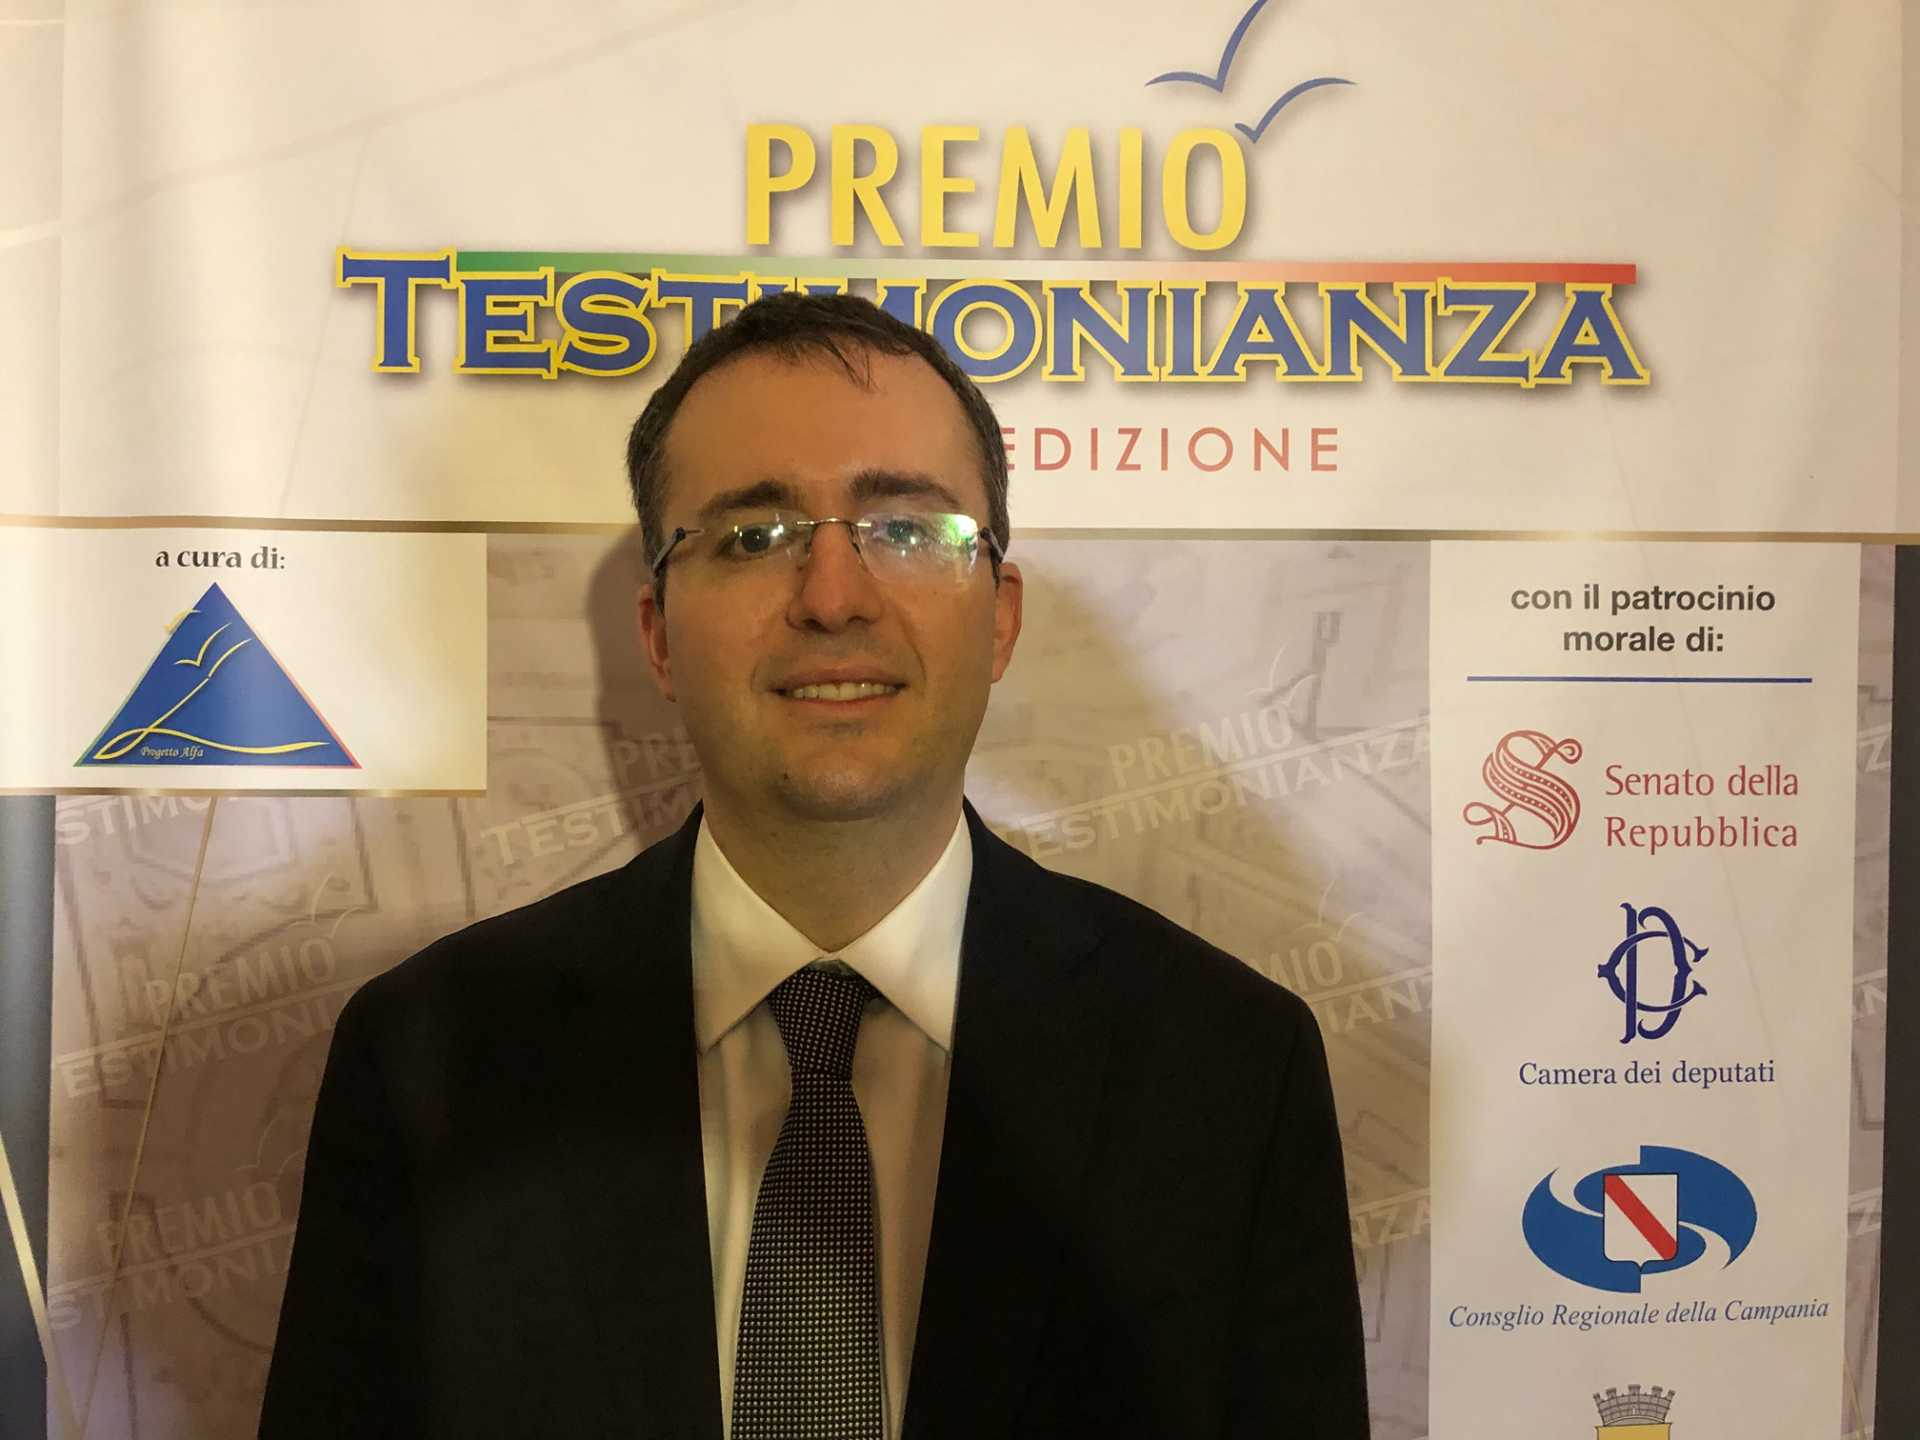 Pasquale Antonio Riccio